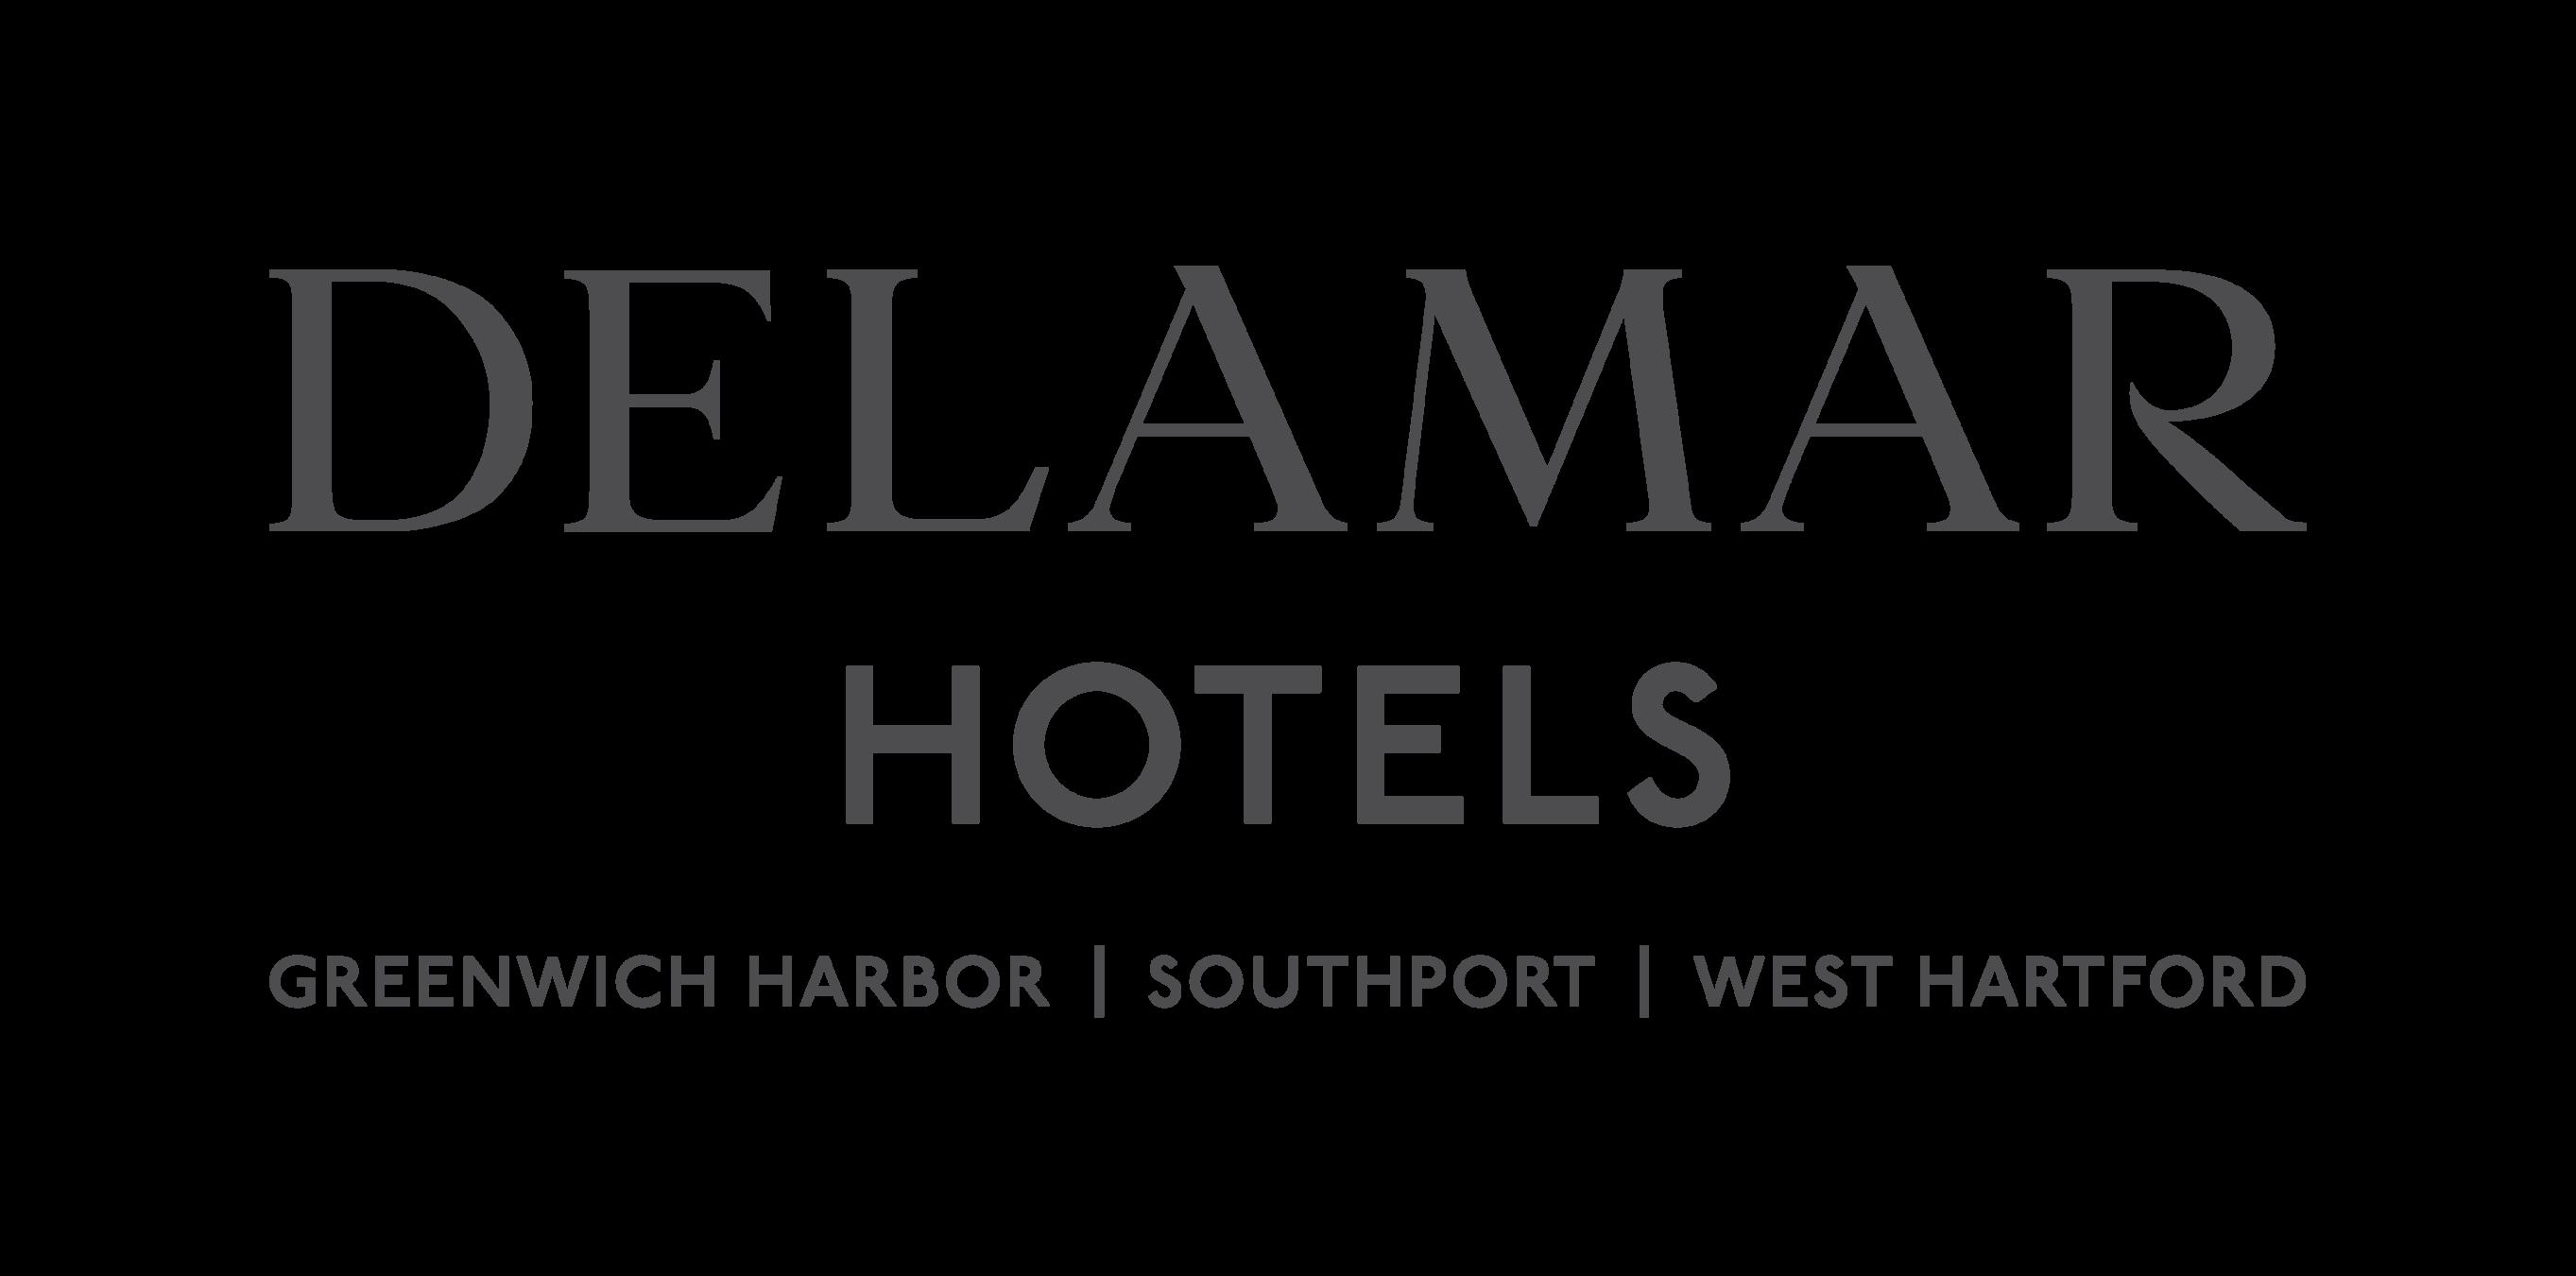 delamar hotel logo